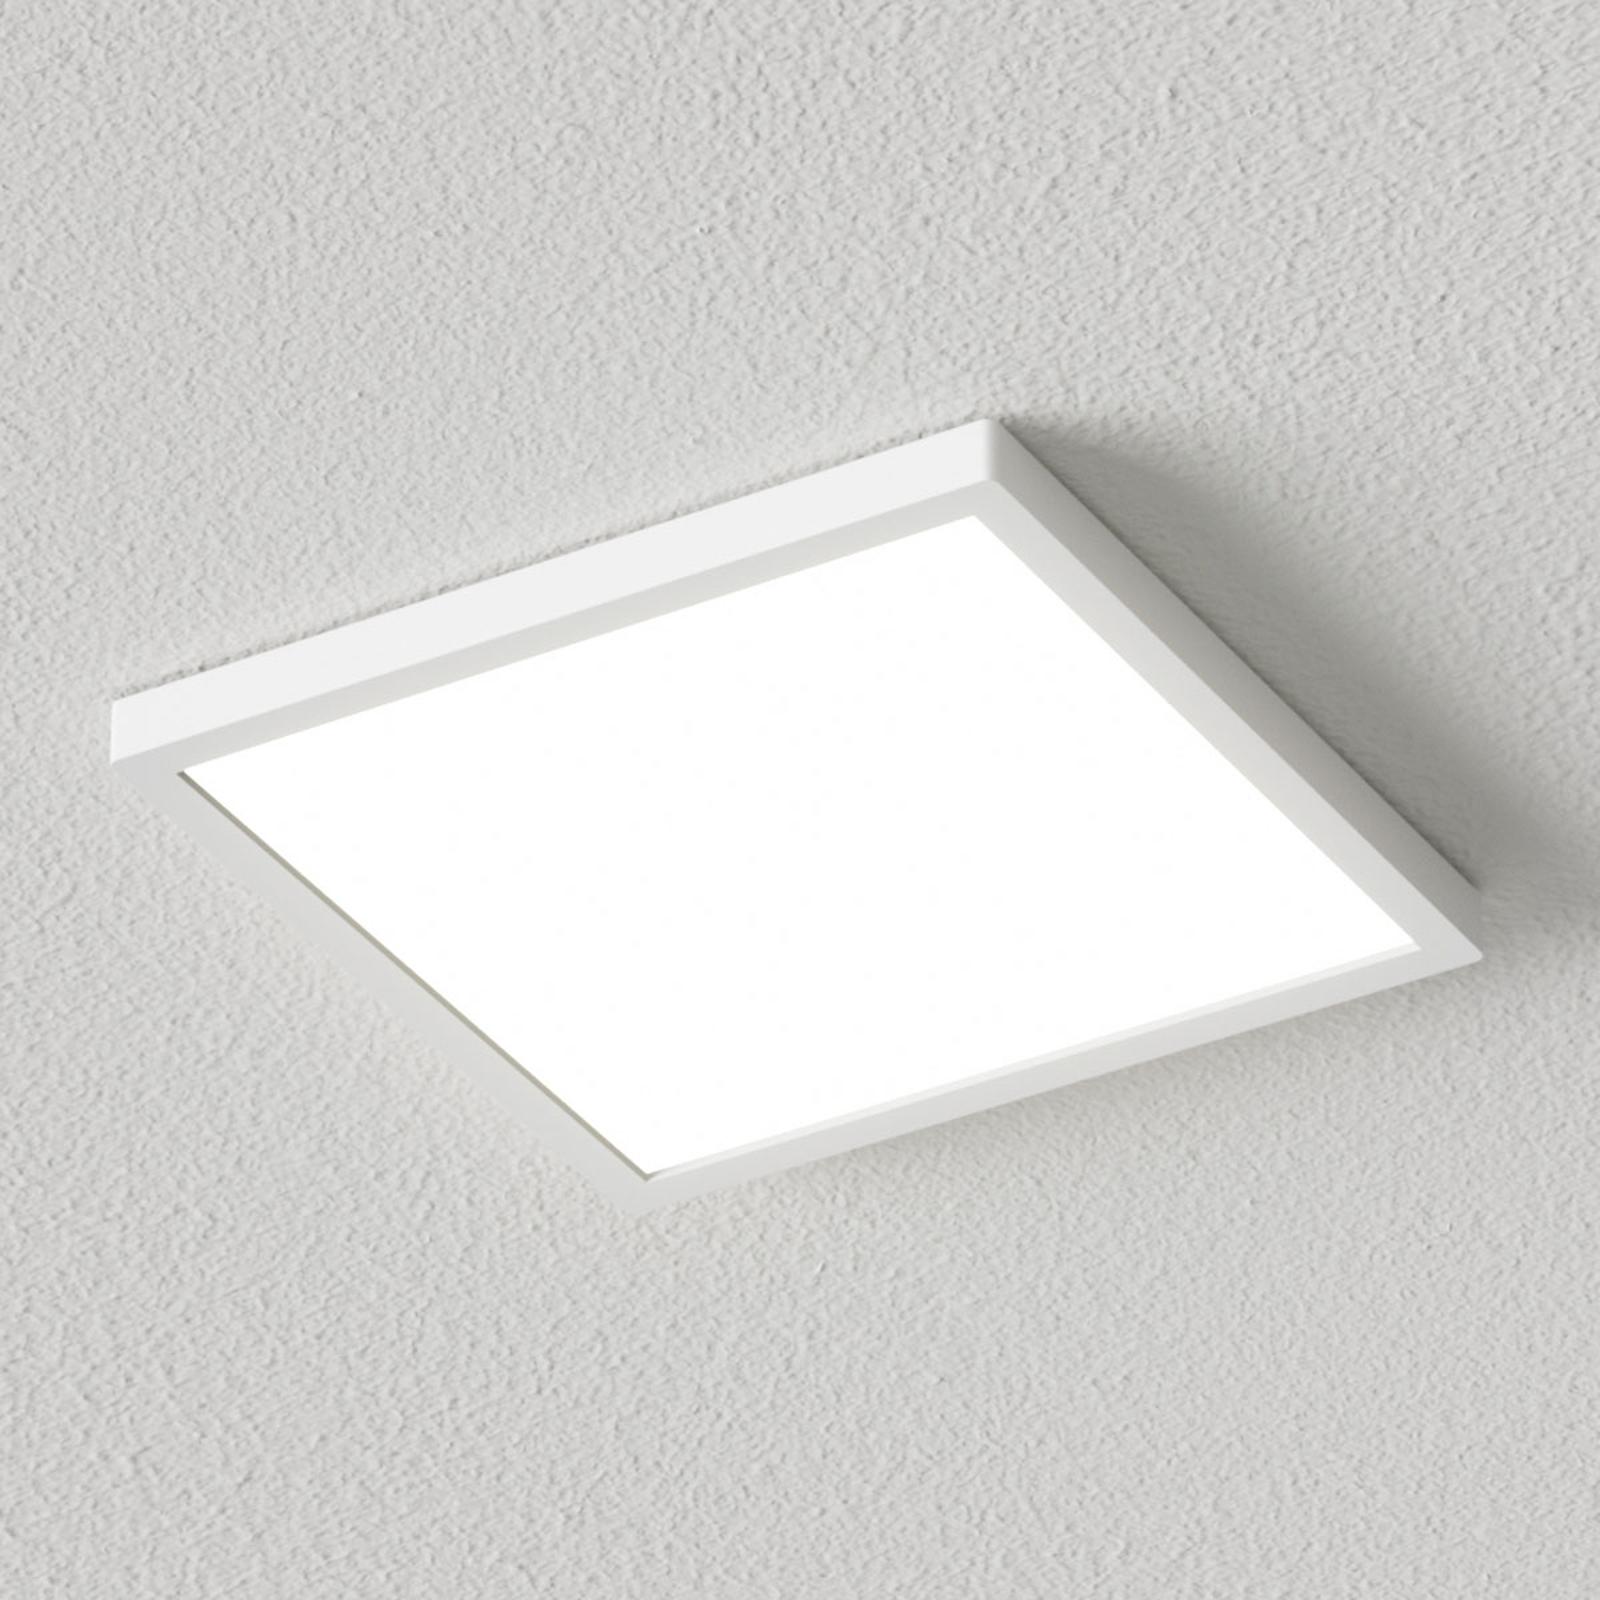 Weiße, eckige LED-Deckenlampe Solvie